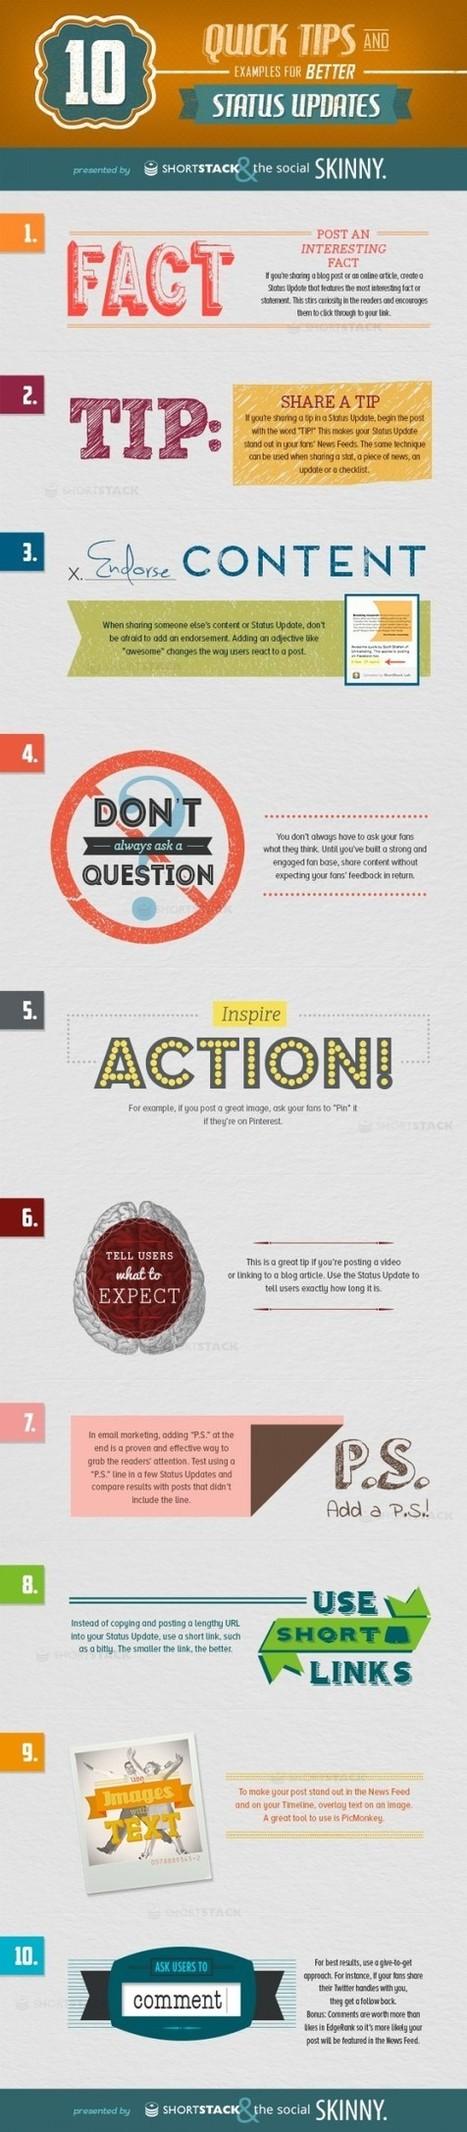 [Infographie] 10 Astuces pour Améliorer les Publications de votre Page Facebook | Personal Branding and Professional networks - @TOOLS_BOX_INC @TOOLS_BOX_EUR @TOOLS_BOX_DEV @TOOLS_BOX_FR @TOOLS_BOX_FR @P_TREBAUL @Best_OfTweets | Scoop.it